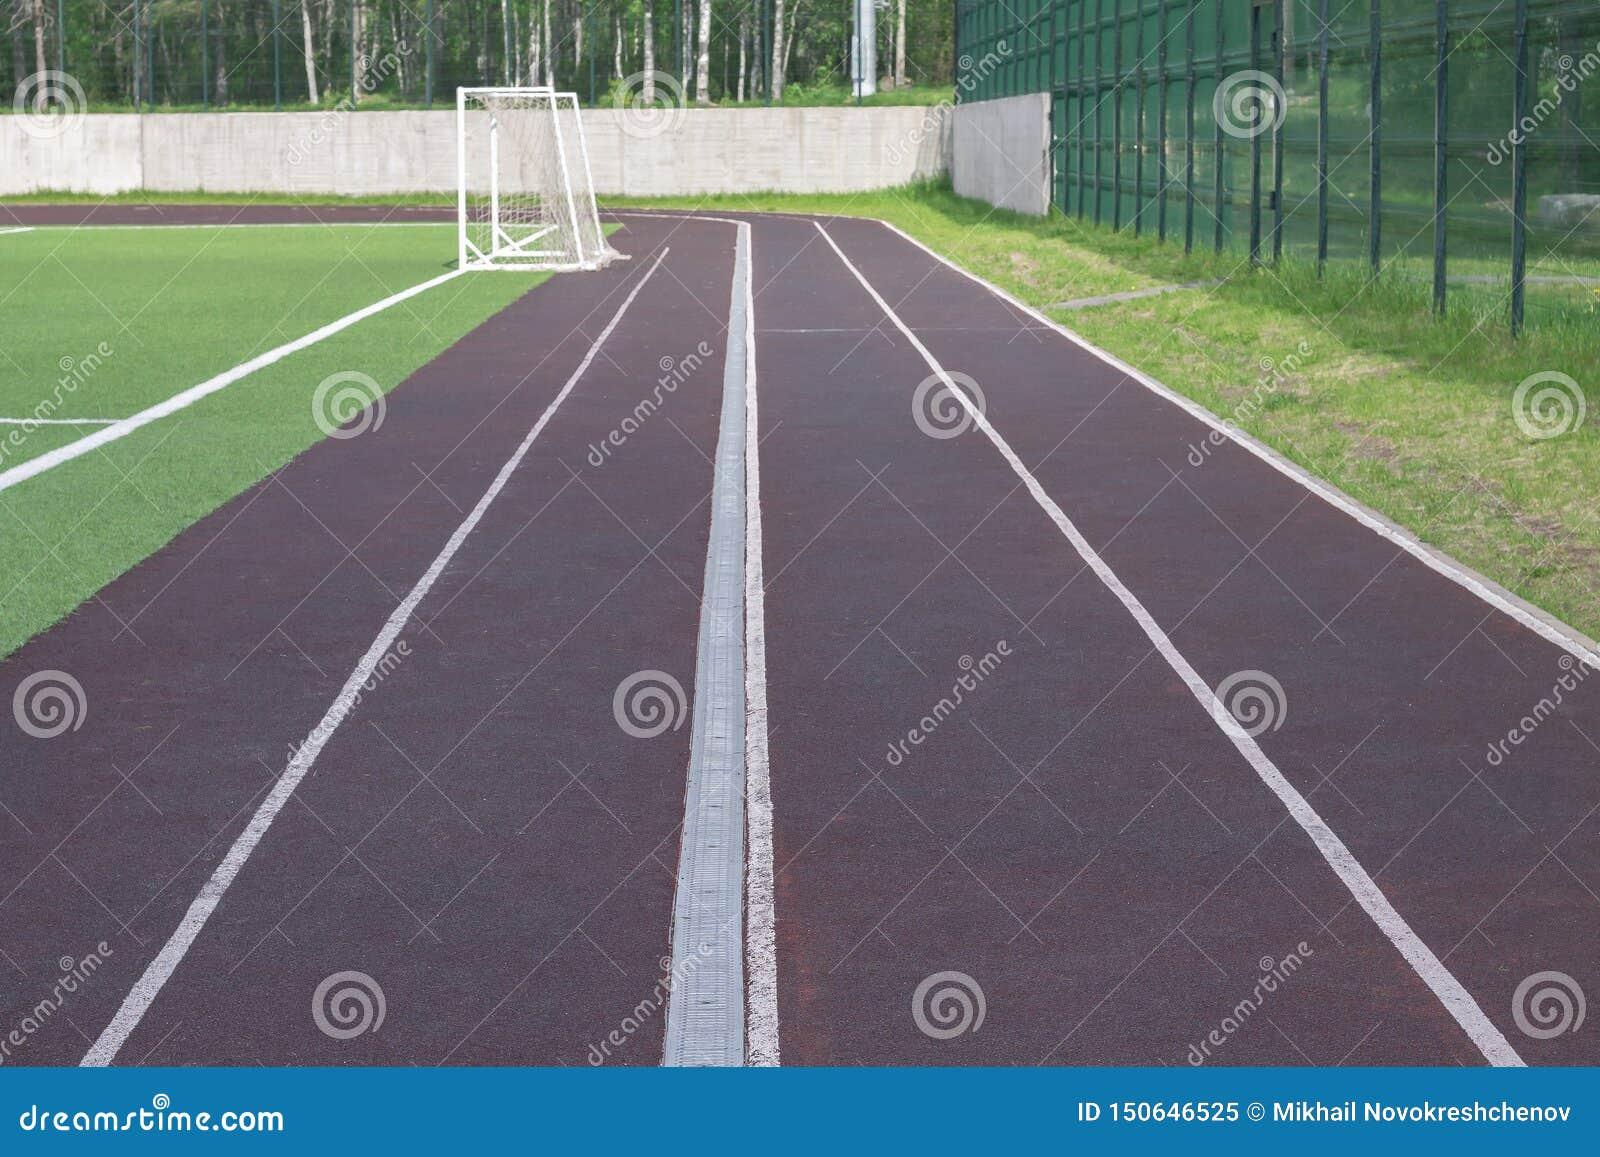 Eseguendo pista per atletica intorno allo stadio